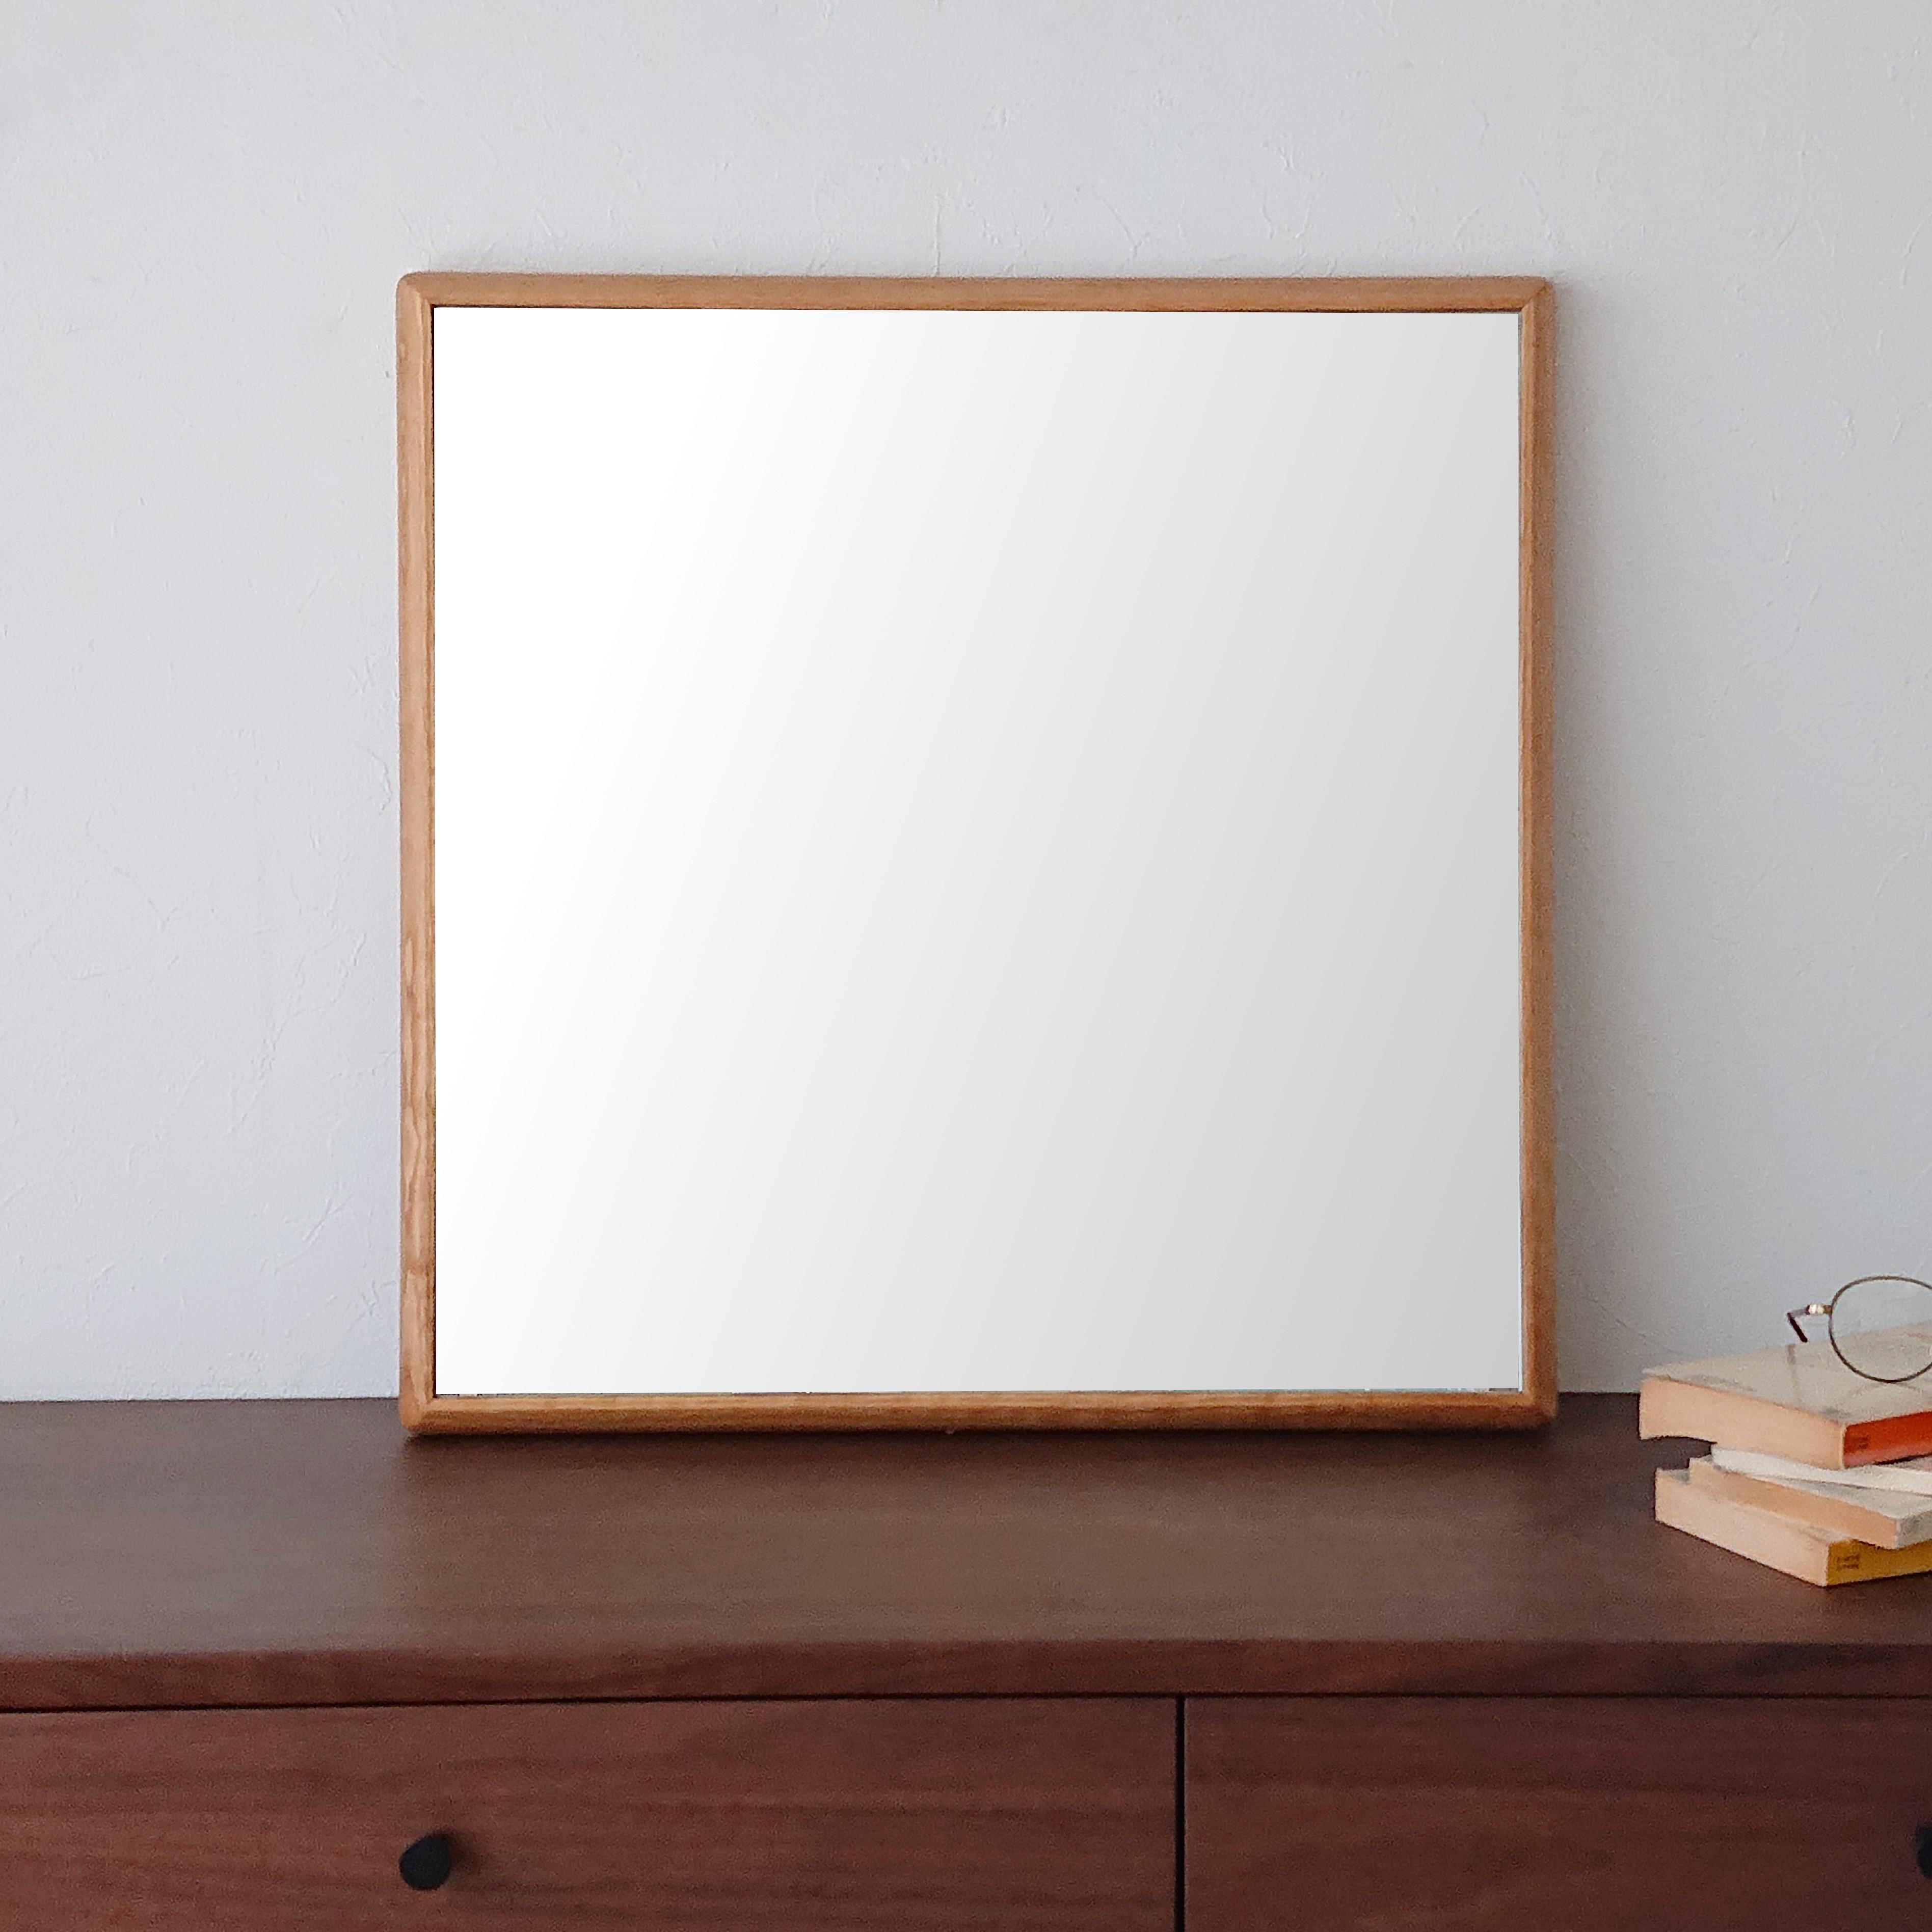 ステラ 54.2x54.2cm ホワイトオーク材 壁掛けミラー 正方形 (通常便商品)